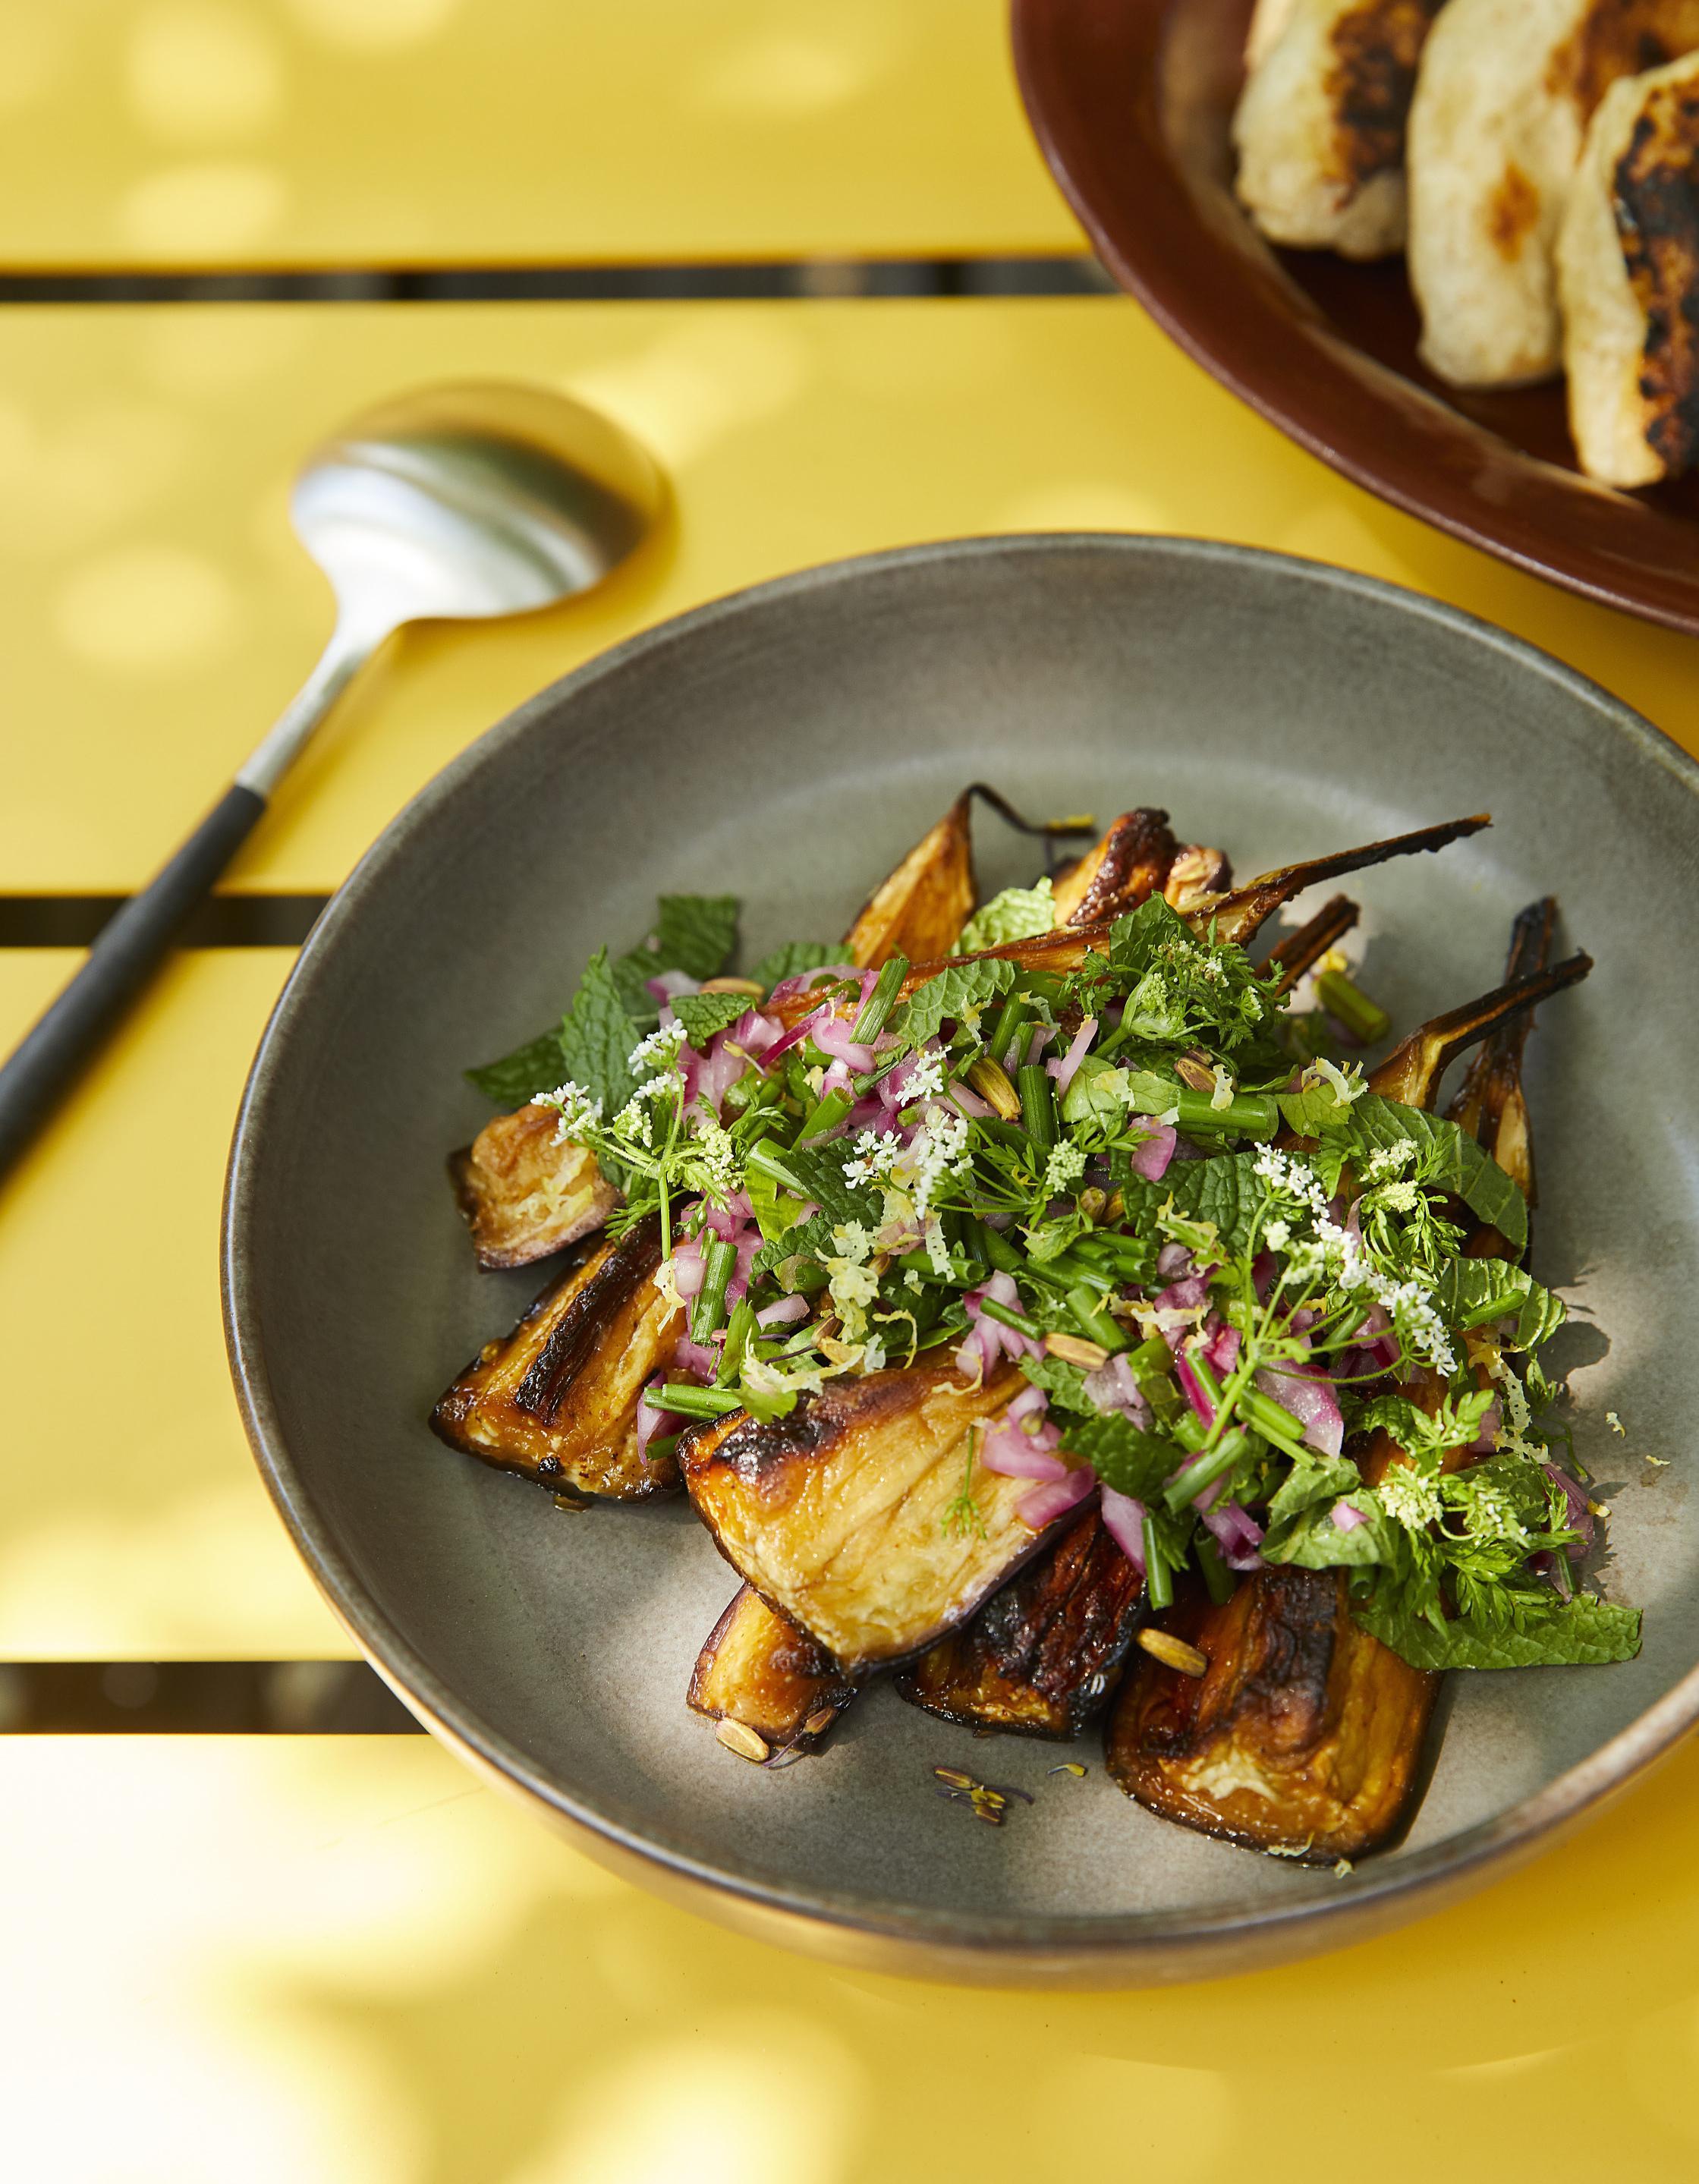 Salade d aubergines fum es aux herbes fra ches pour 4 personnes recettes elle table - A bon verre bonne table recettes ...